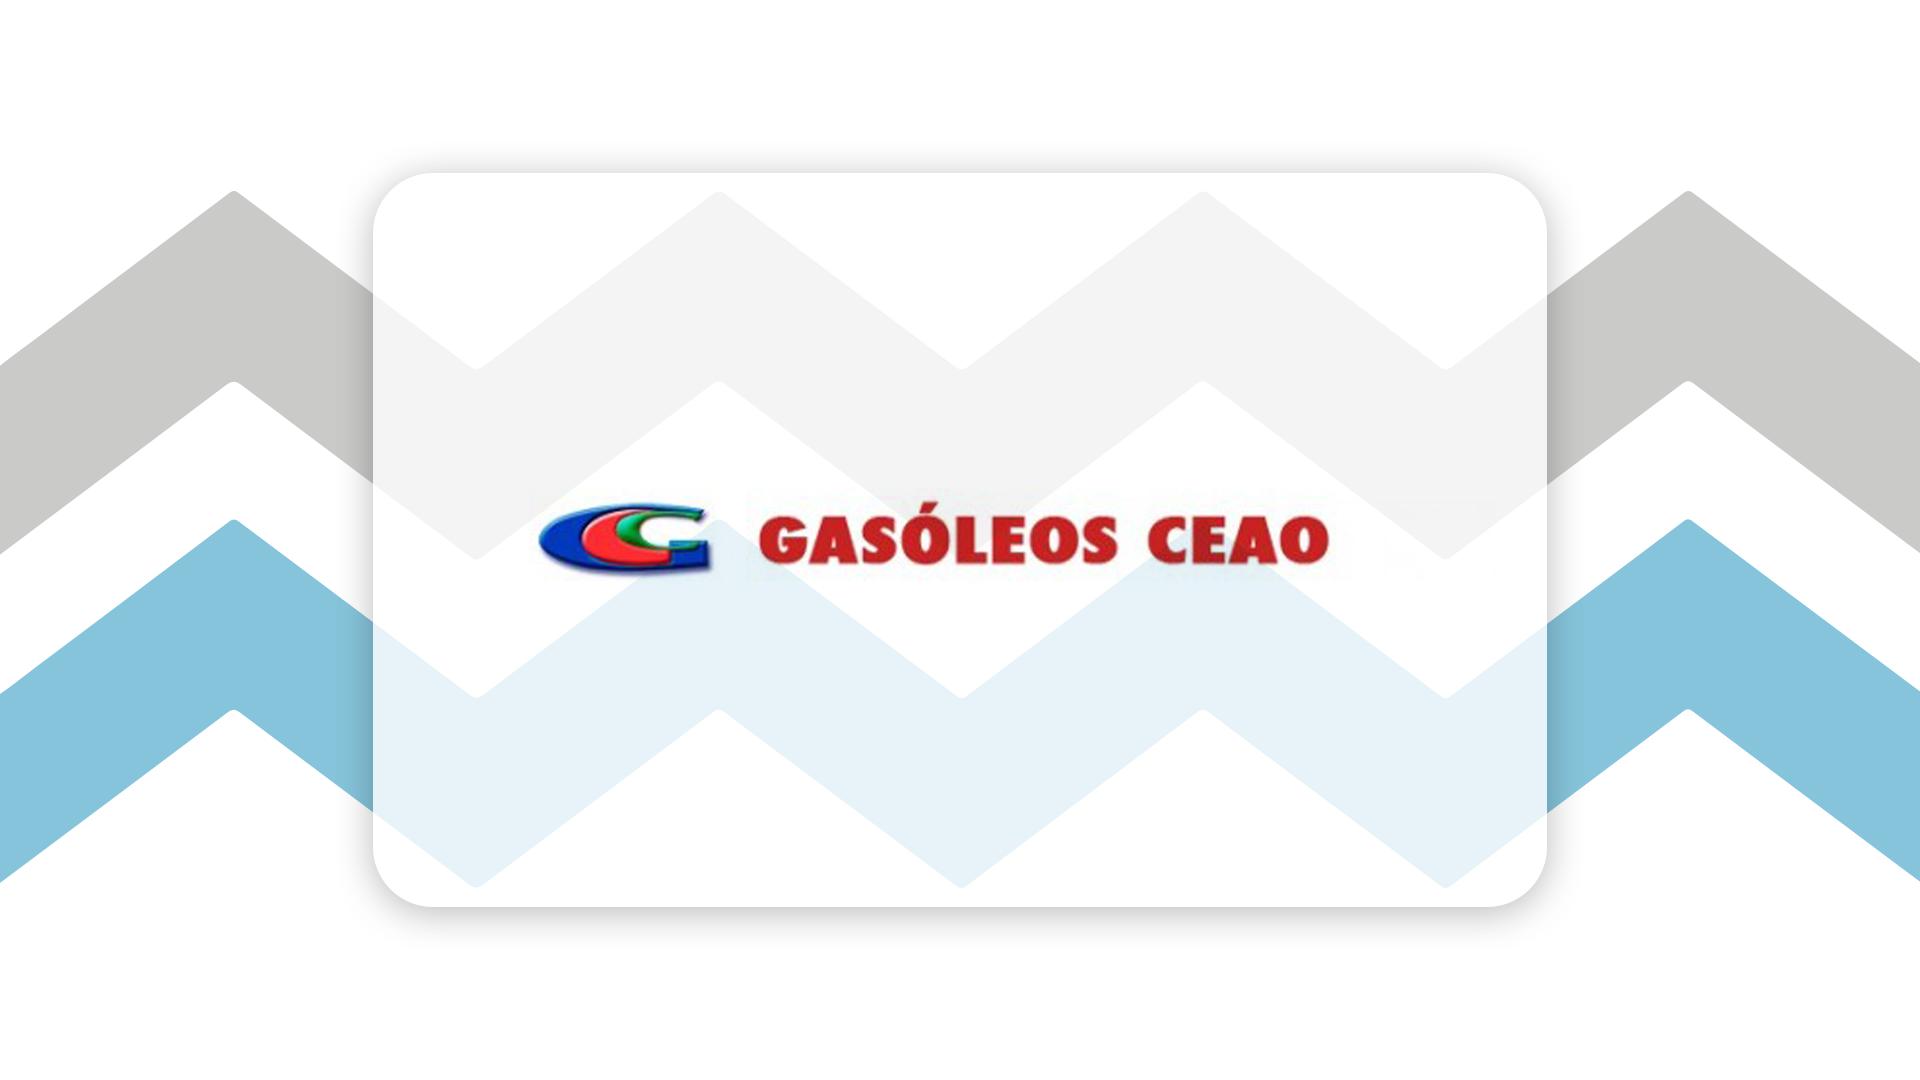 Gasoleos Ceao